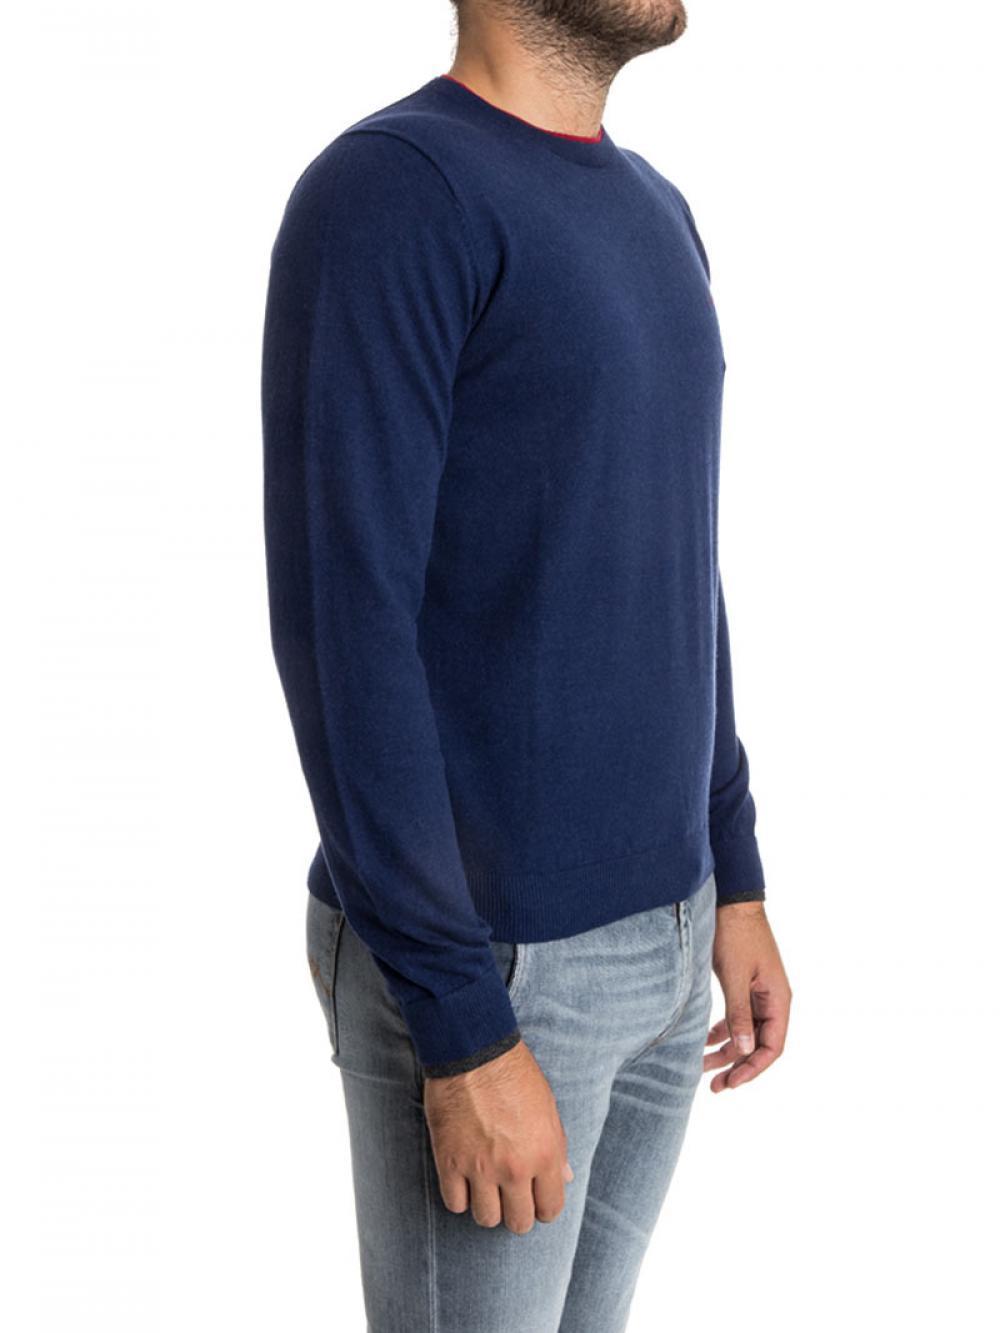 maglia-in-cotone-e-cashmere-uomo-sun68-cod-2715